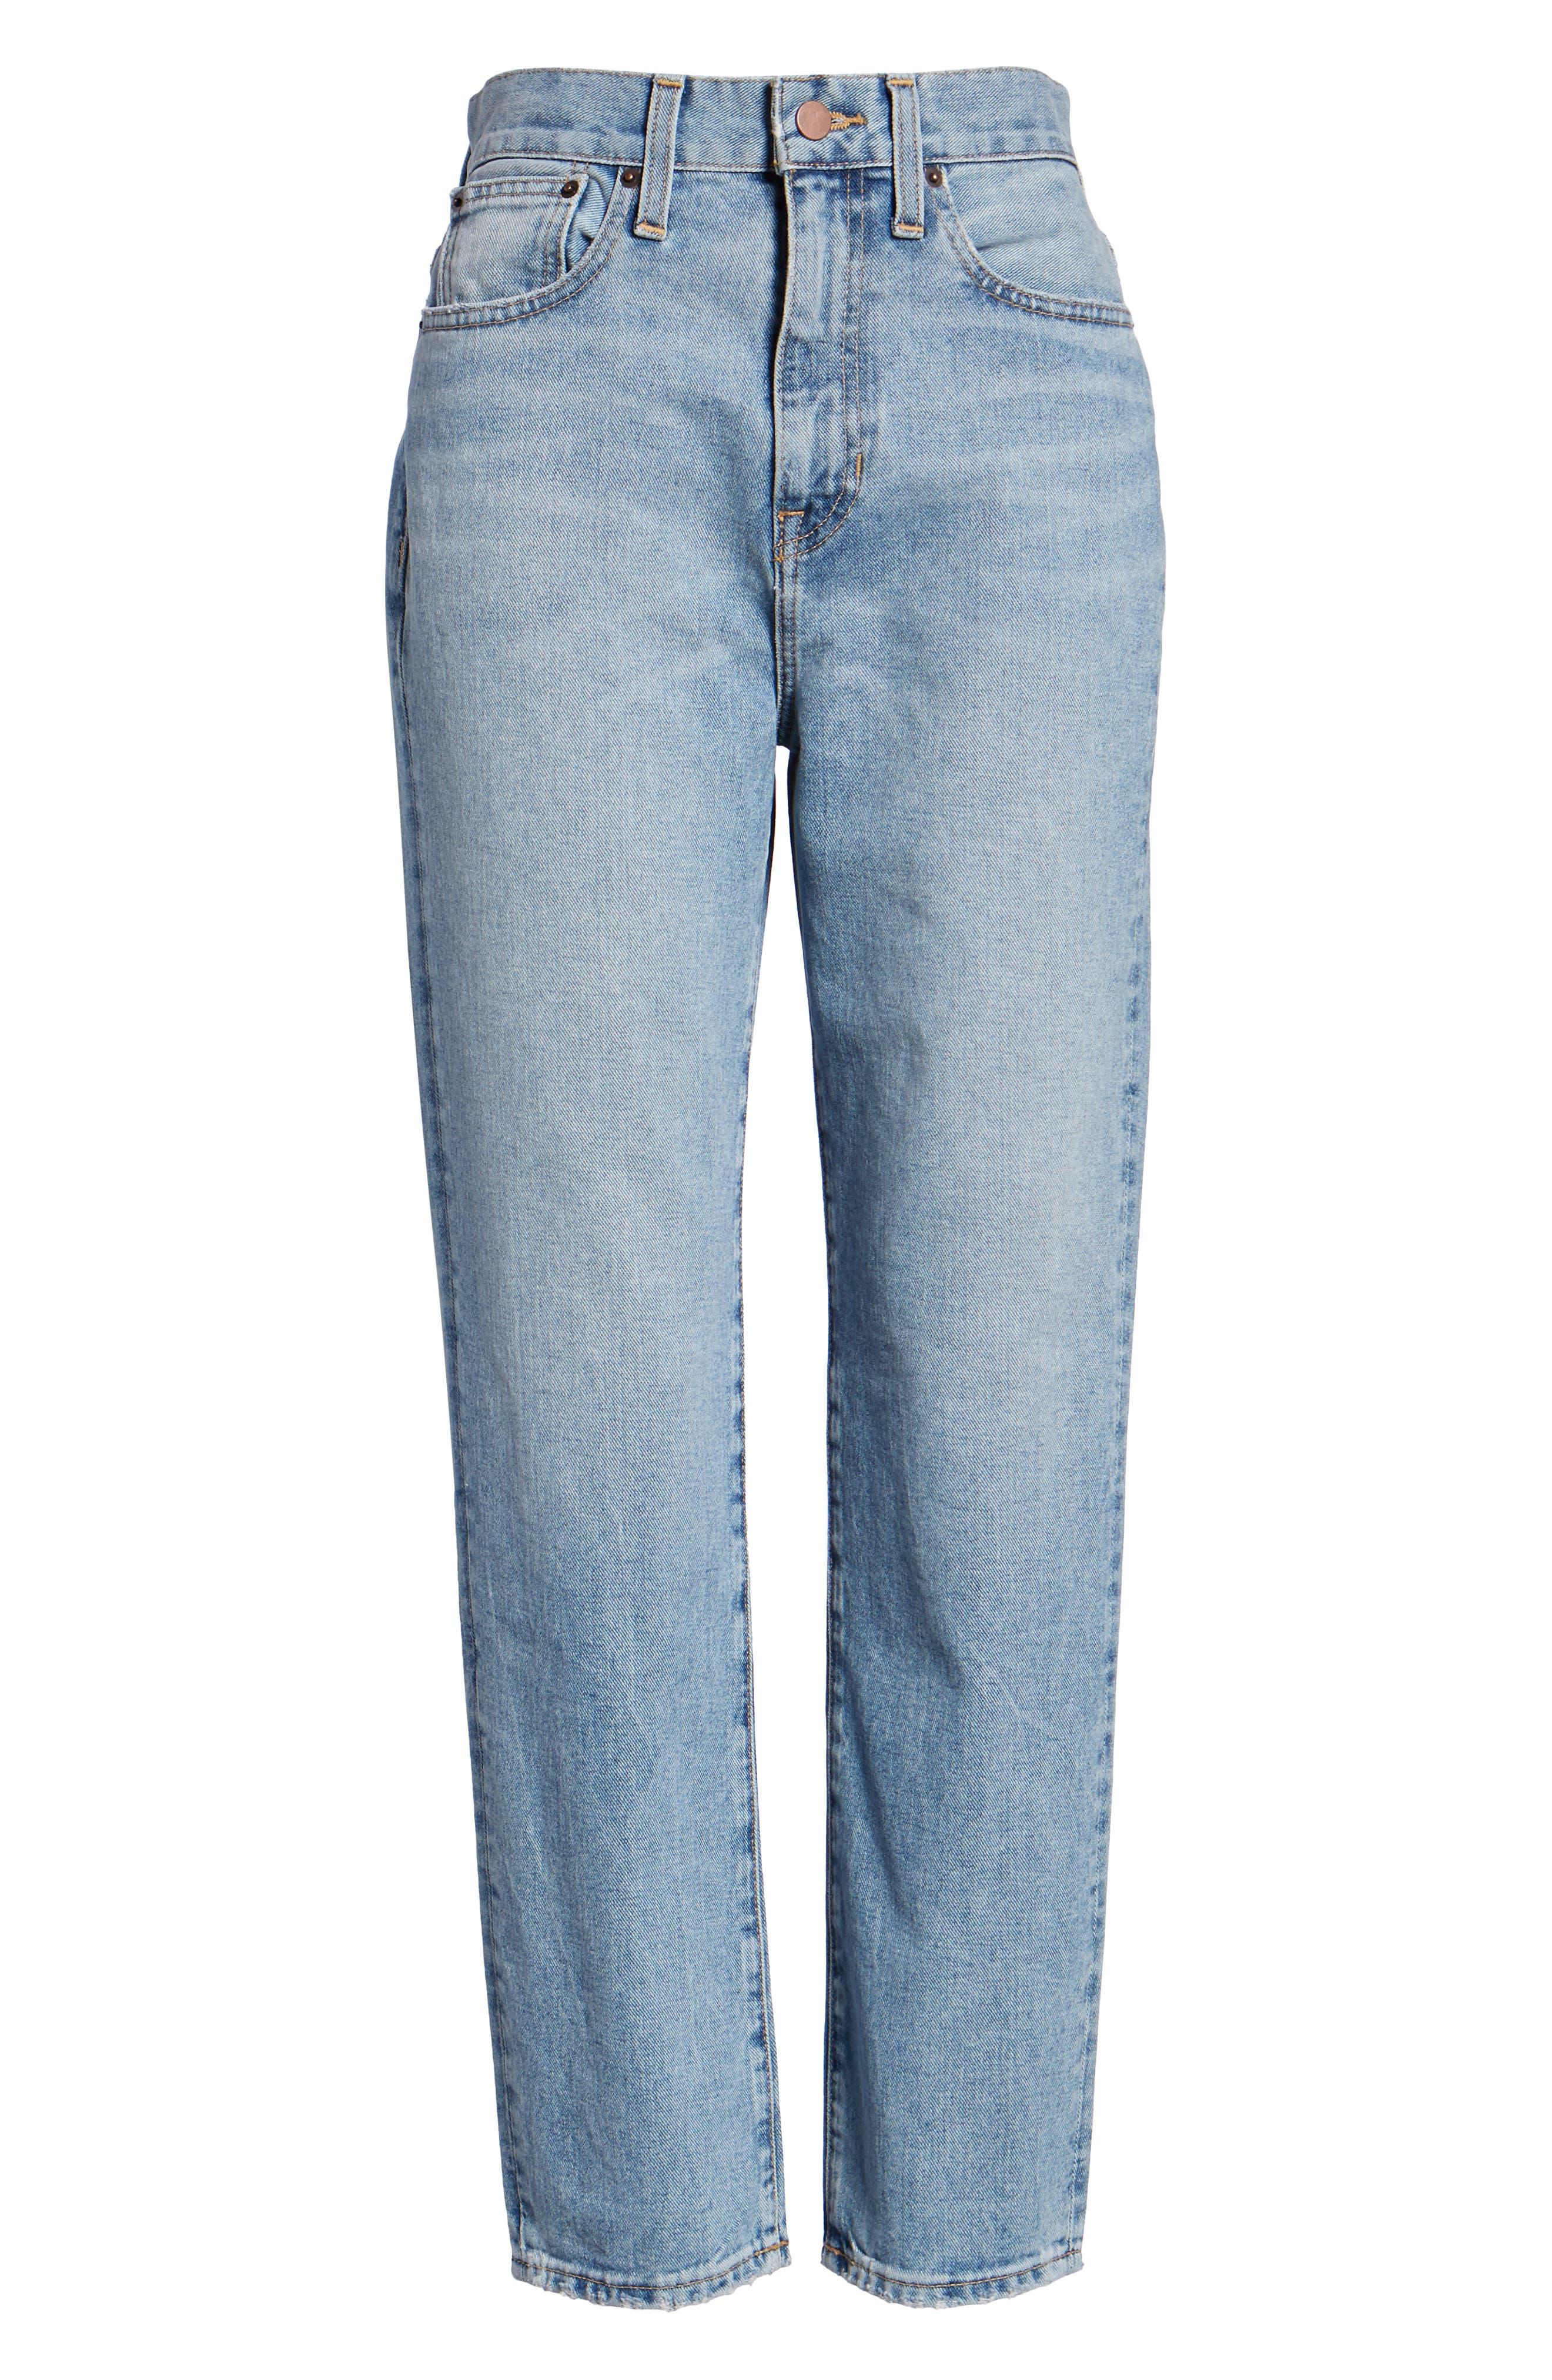 Ankle Cigarette Jeans,                             Alternate thumbnail 8, color,                             420